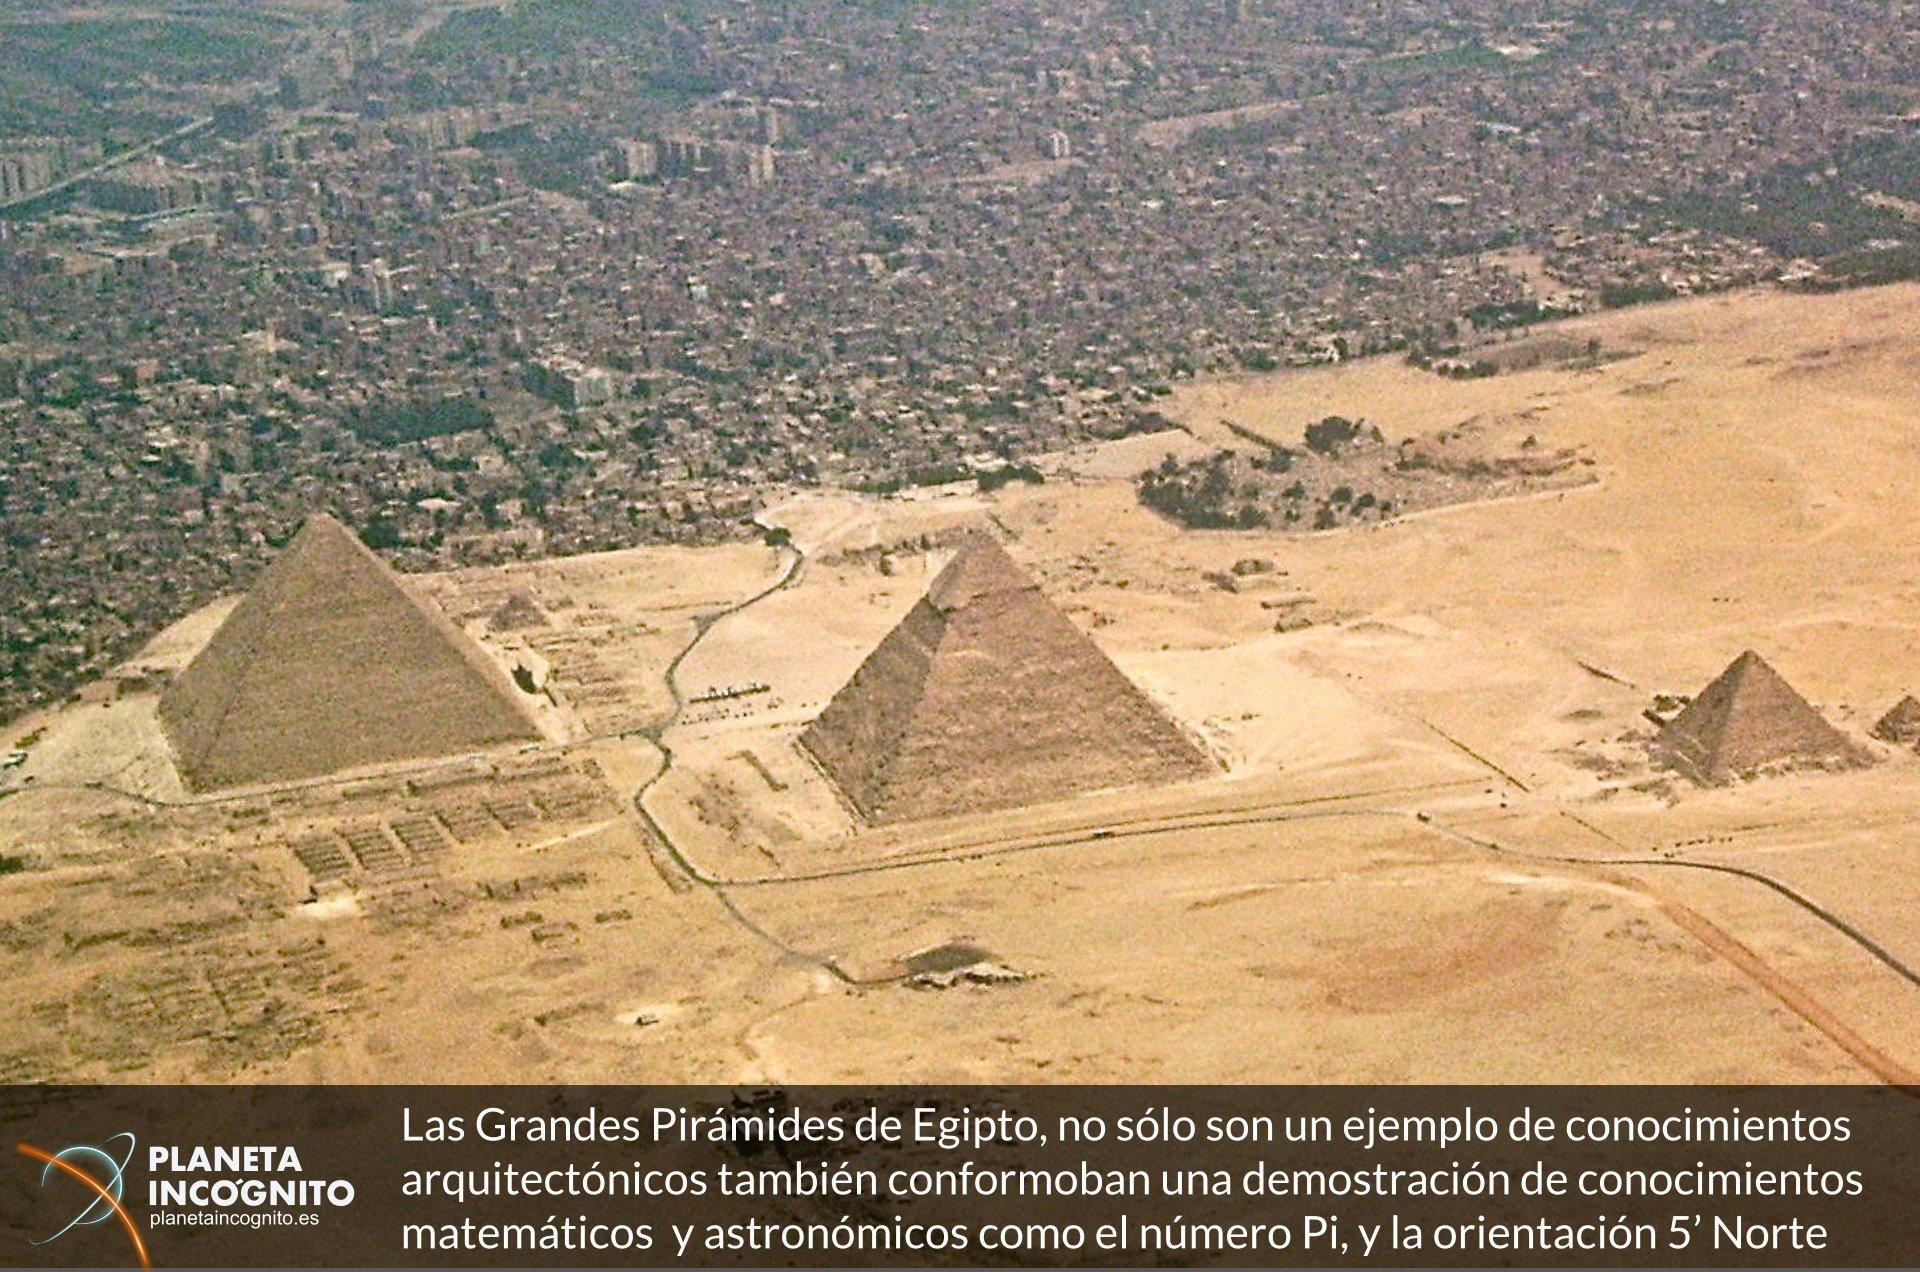 Las Grandes Pirámides de Egipto, no sólo son un ejemplo de conocimientos arquitectónicos también conformoban una demostración de conocimientos matemáticos y astronómicos como el número Pi, y la orientación 5' Norte